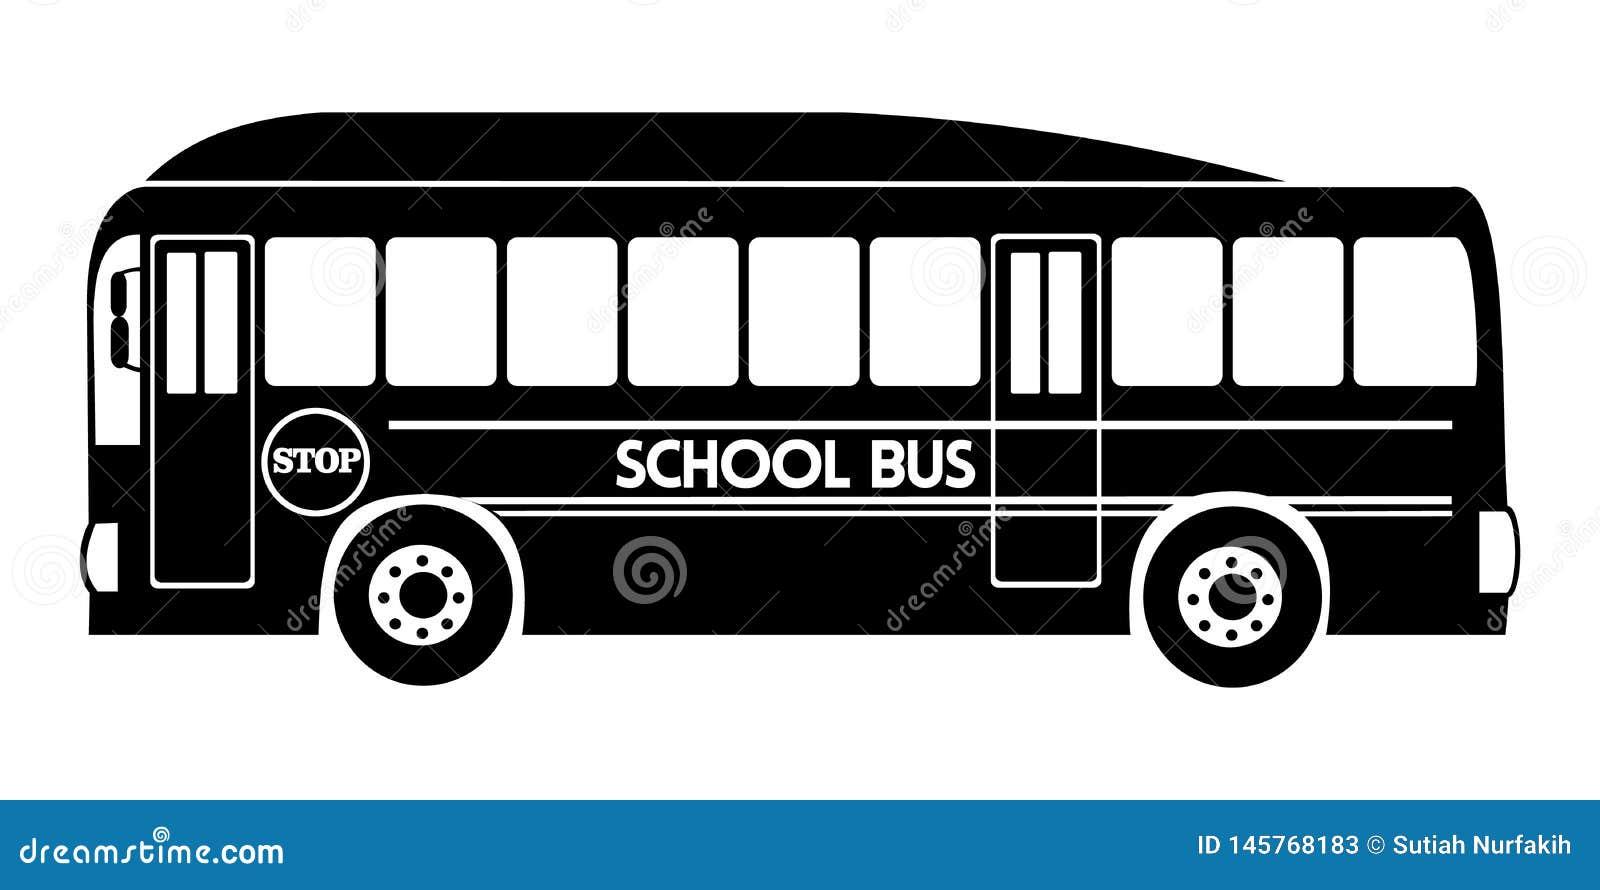 Sylwetka autobusu szkolnego ilustracyjny wektorowy czarny kolor